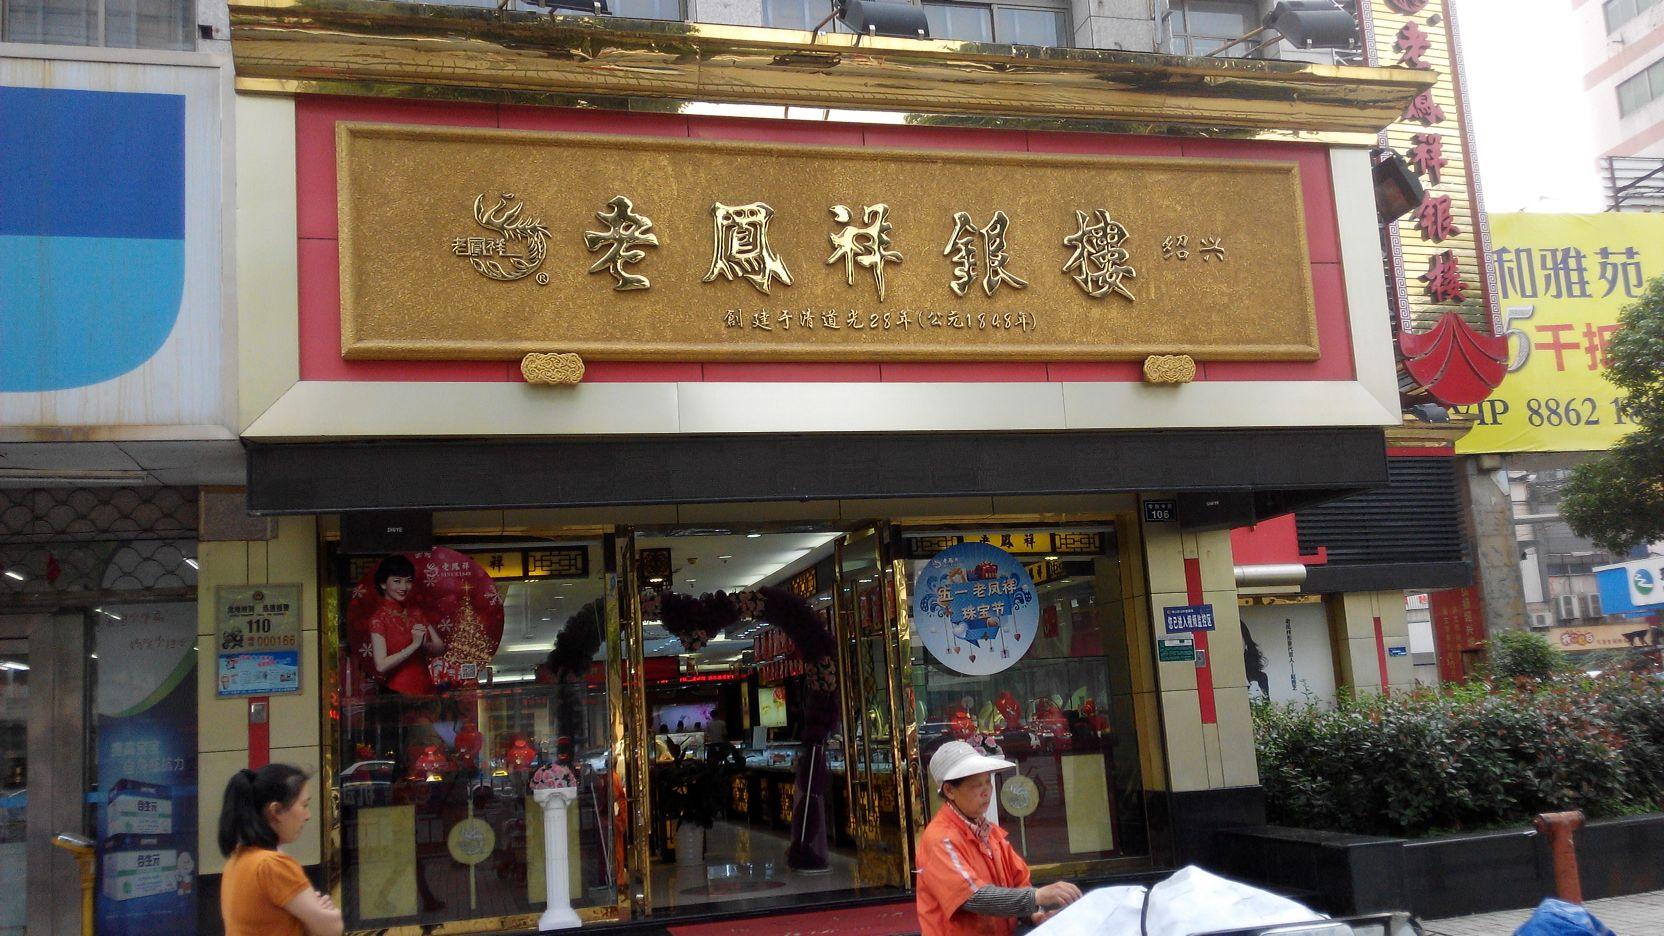 老鳳祥紹興紹興市分店